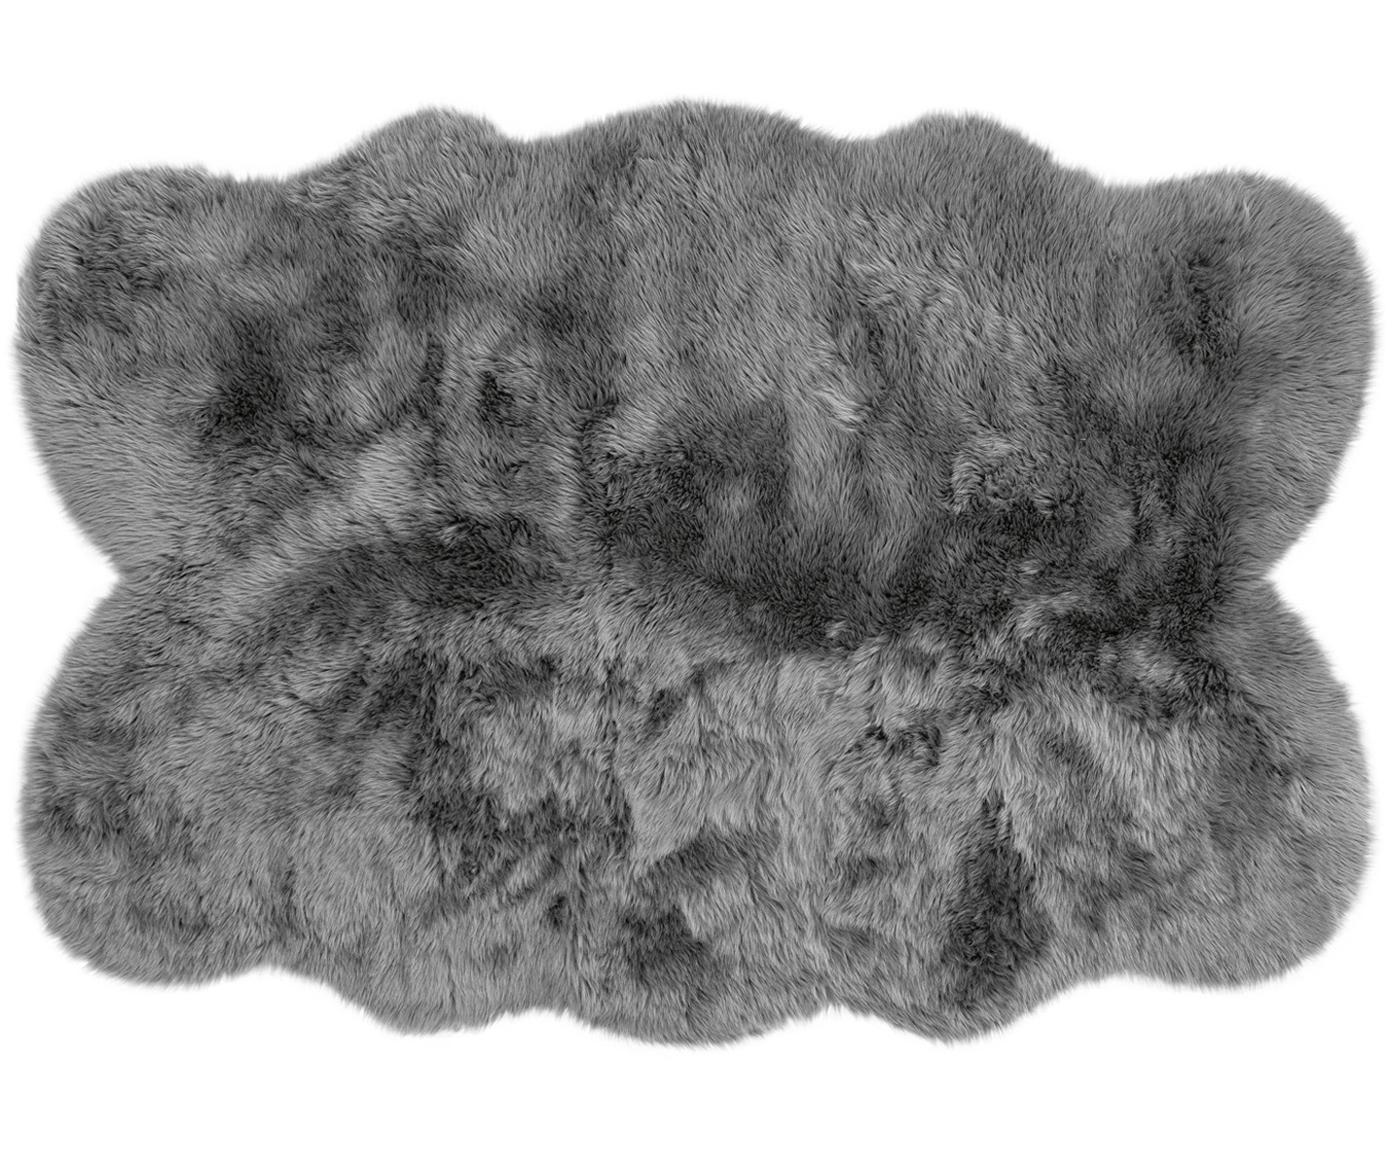 Dywan ze sztucznego futra Elmo, gładki, Szary, S 140 x D 200 cm (Rozmiar S)